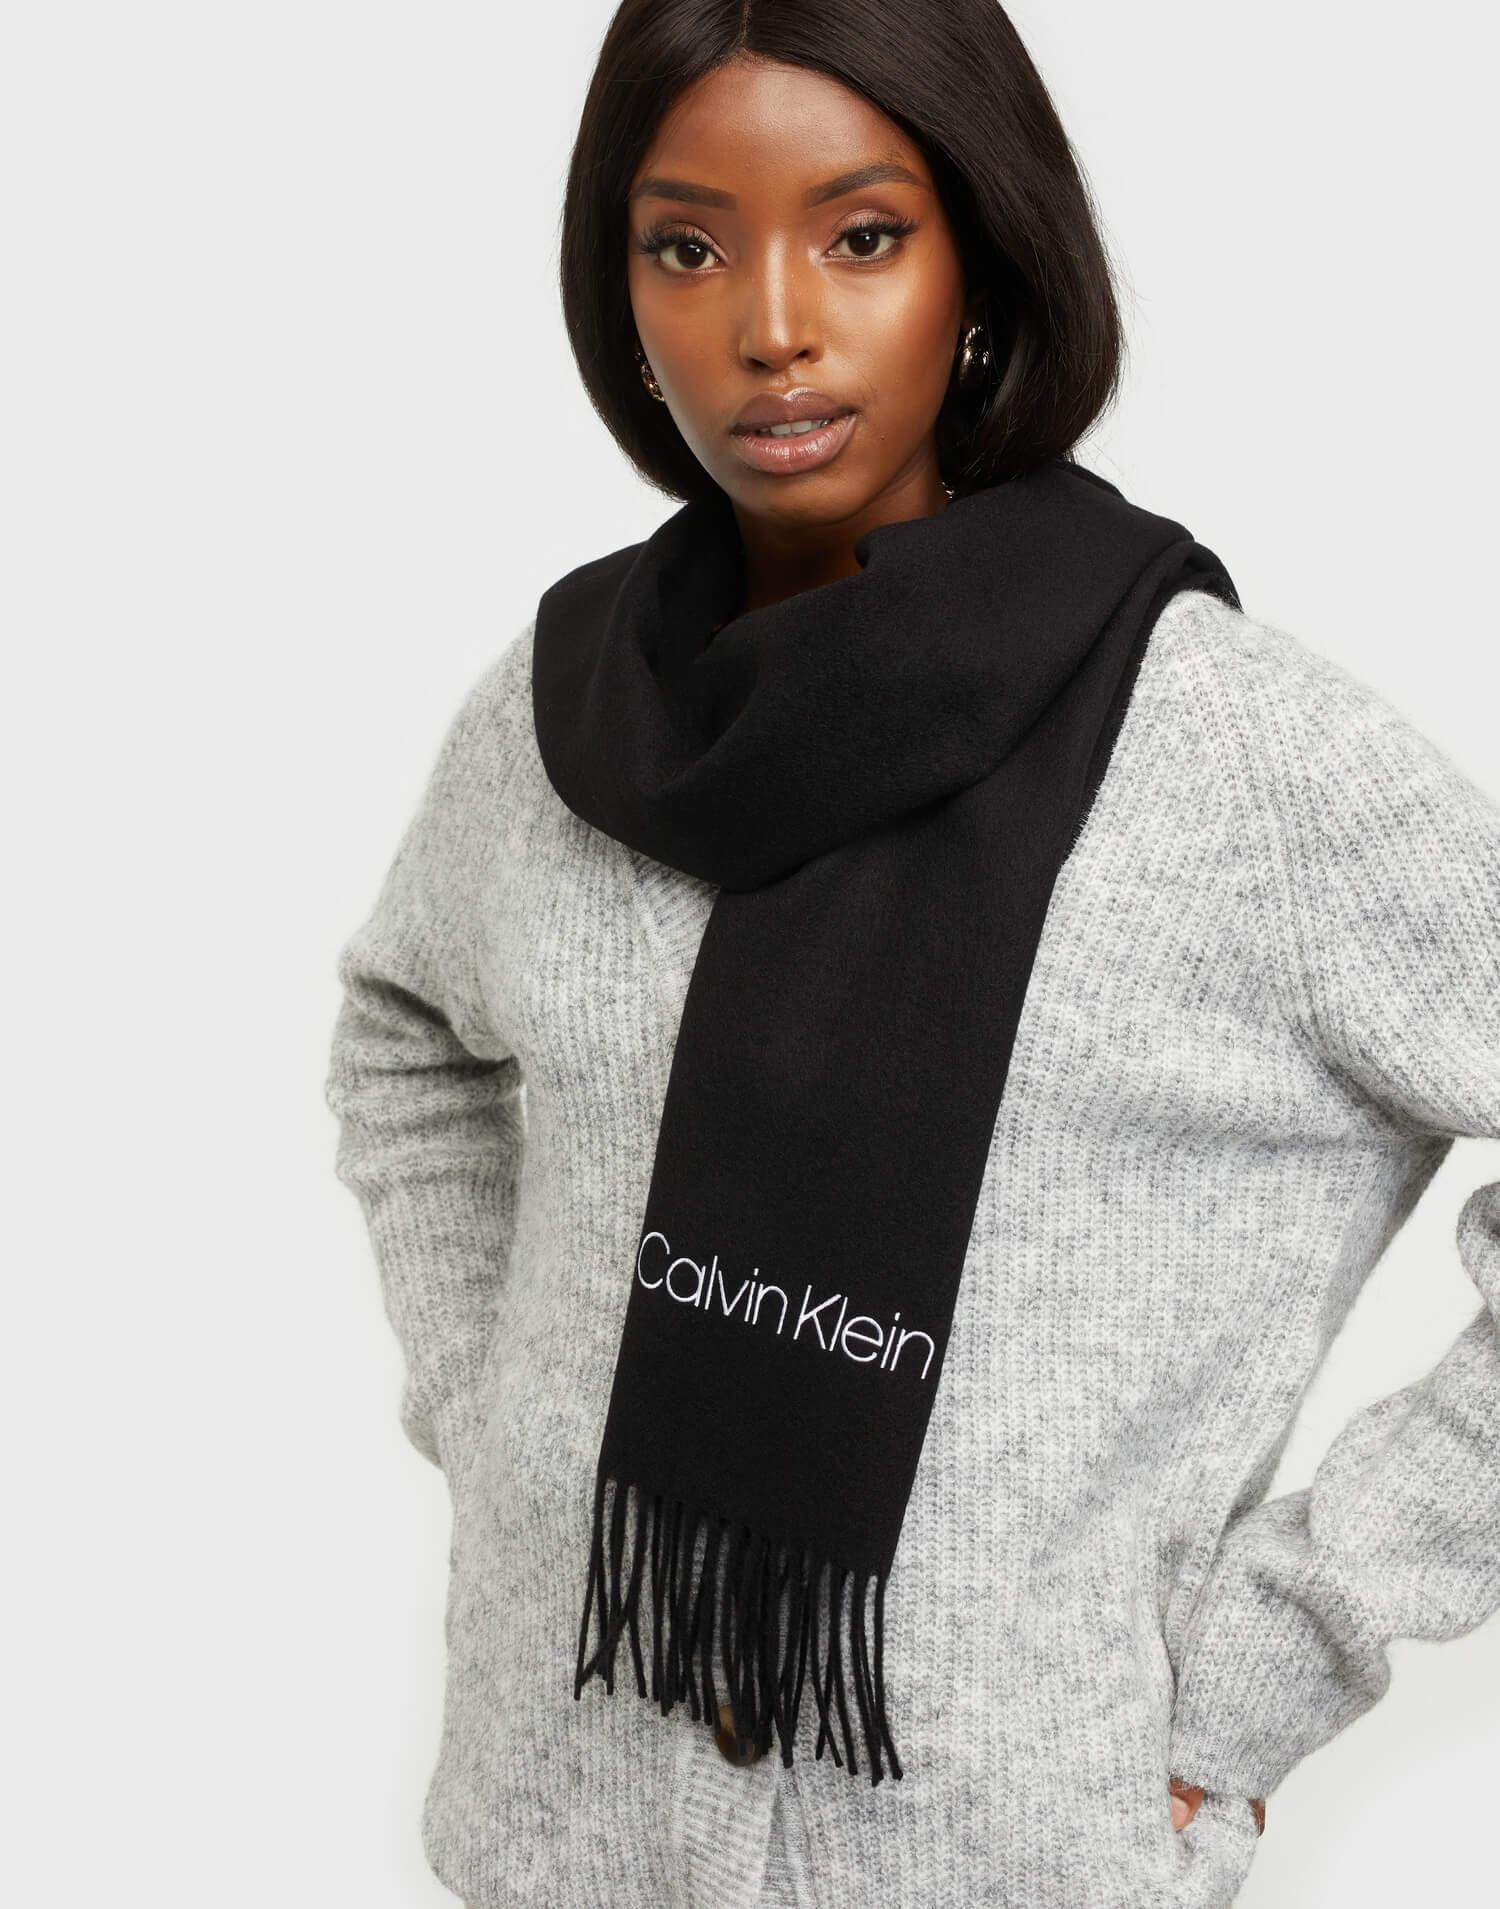 En svart halsduk med logotyp från Calvin Klein.